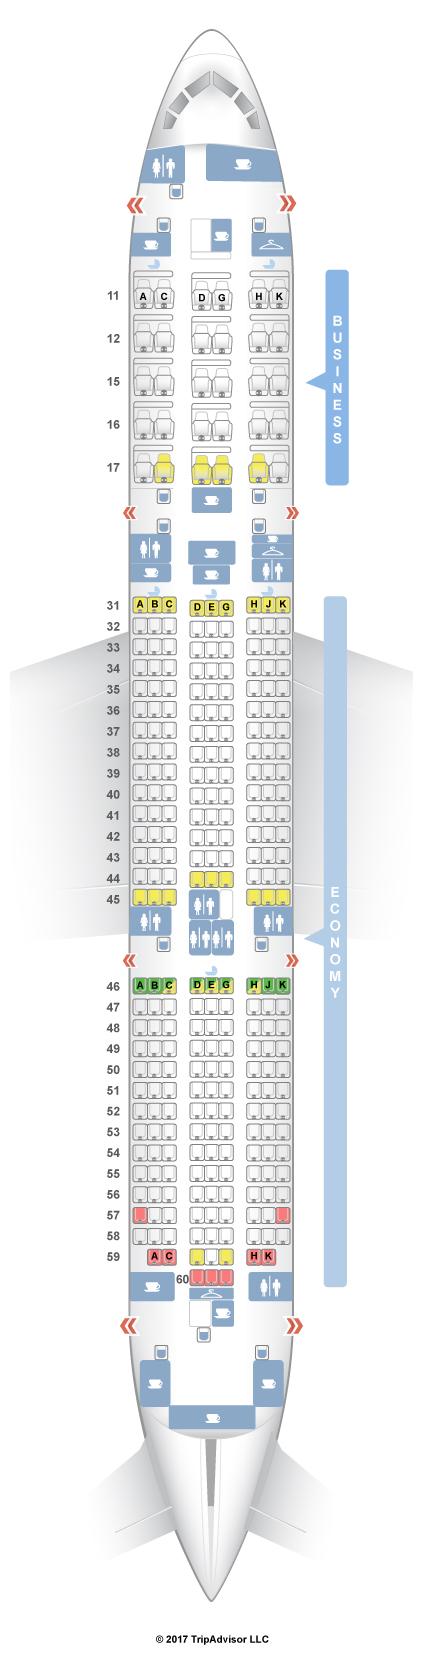 787 9 Seat Map SeatGuru Seat Map Hainan Airlines